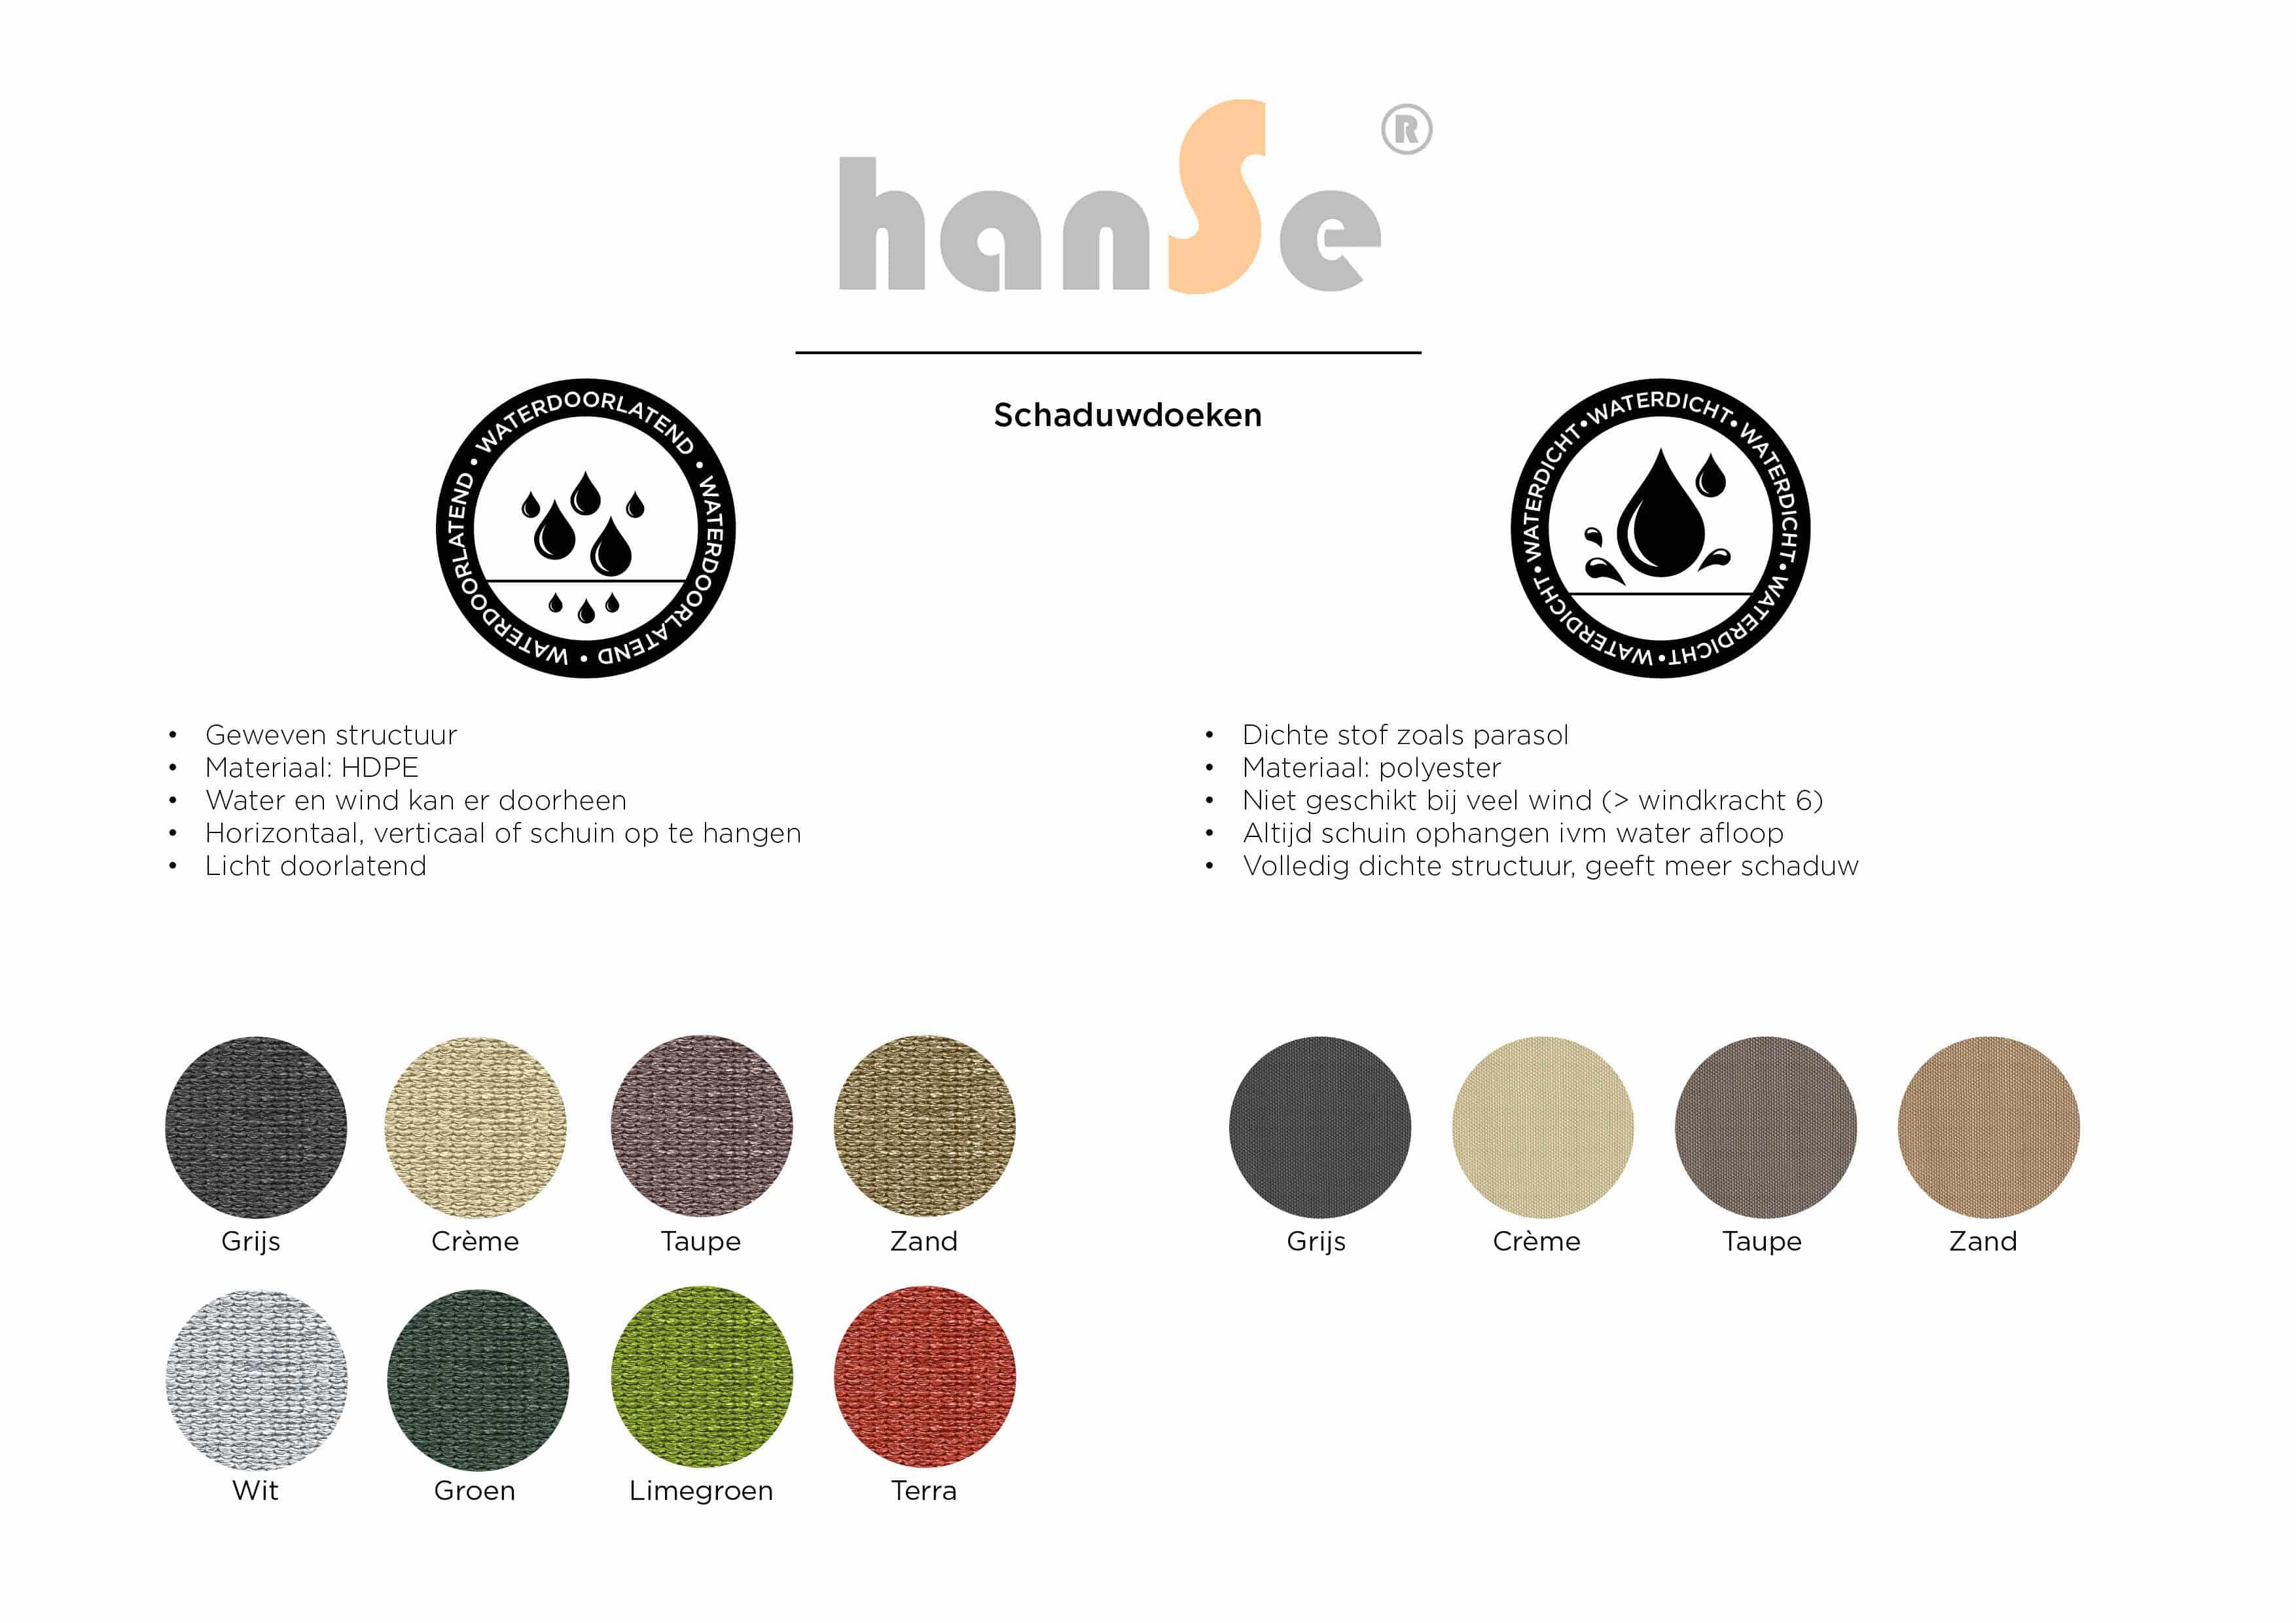 hanSe® Schaduwdoek Vierkant Waterdoorlatend 2,5x2,5 m - Wit